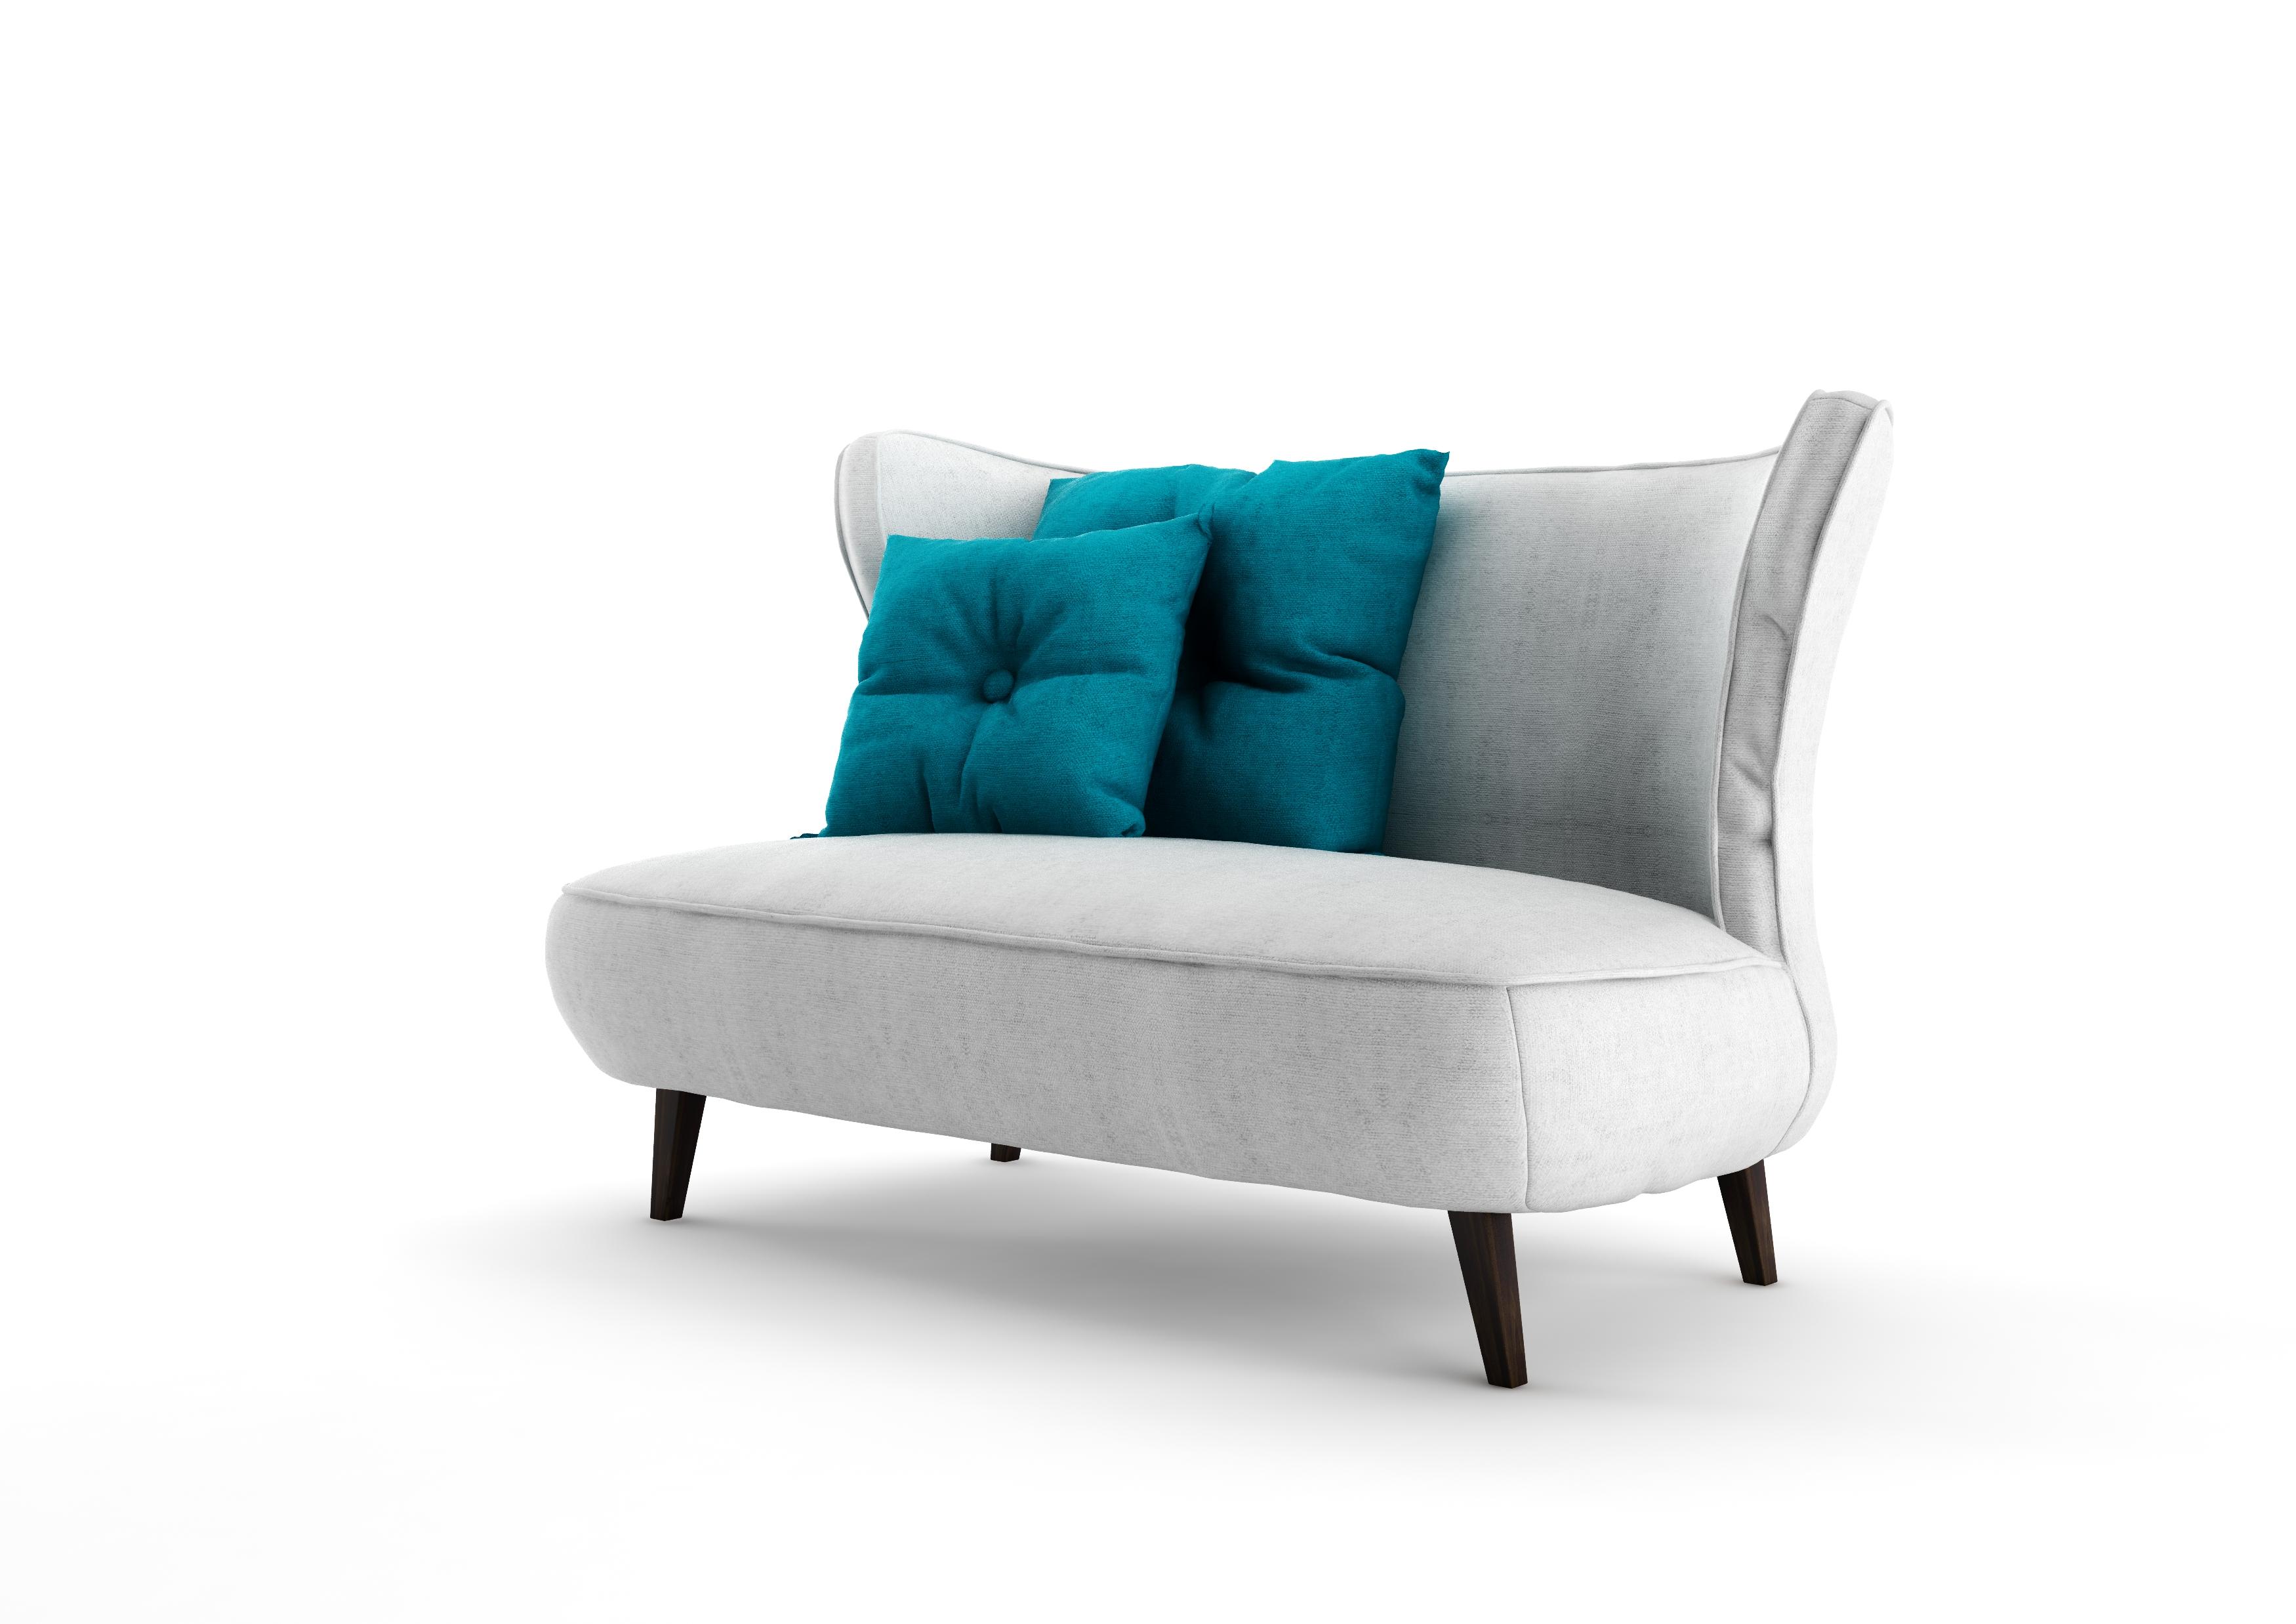 Östgöta 2-sits soffa - Valfri färg!